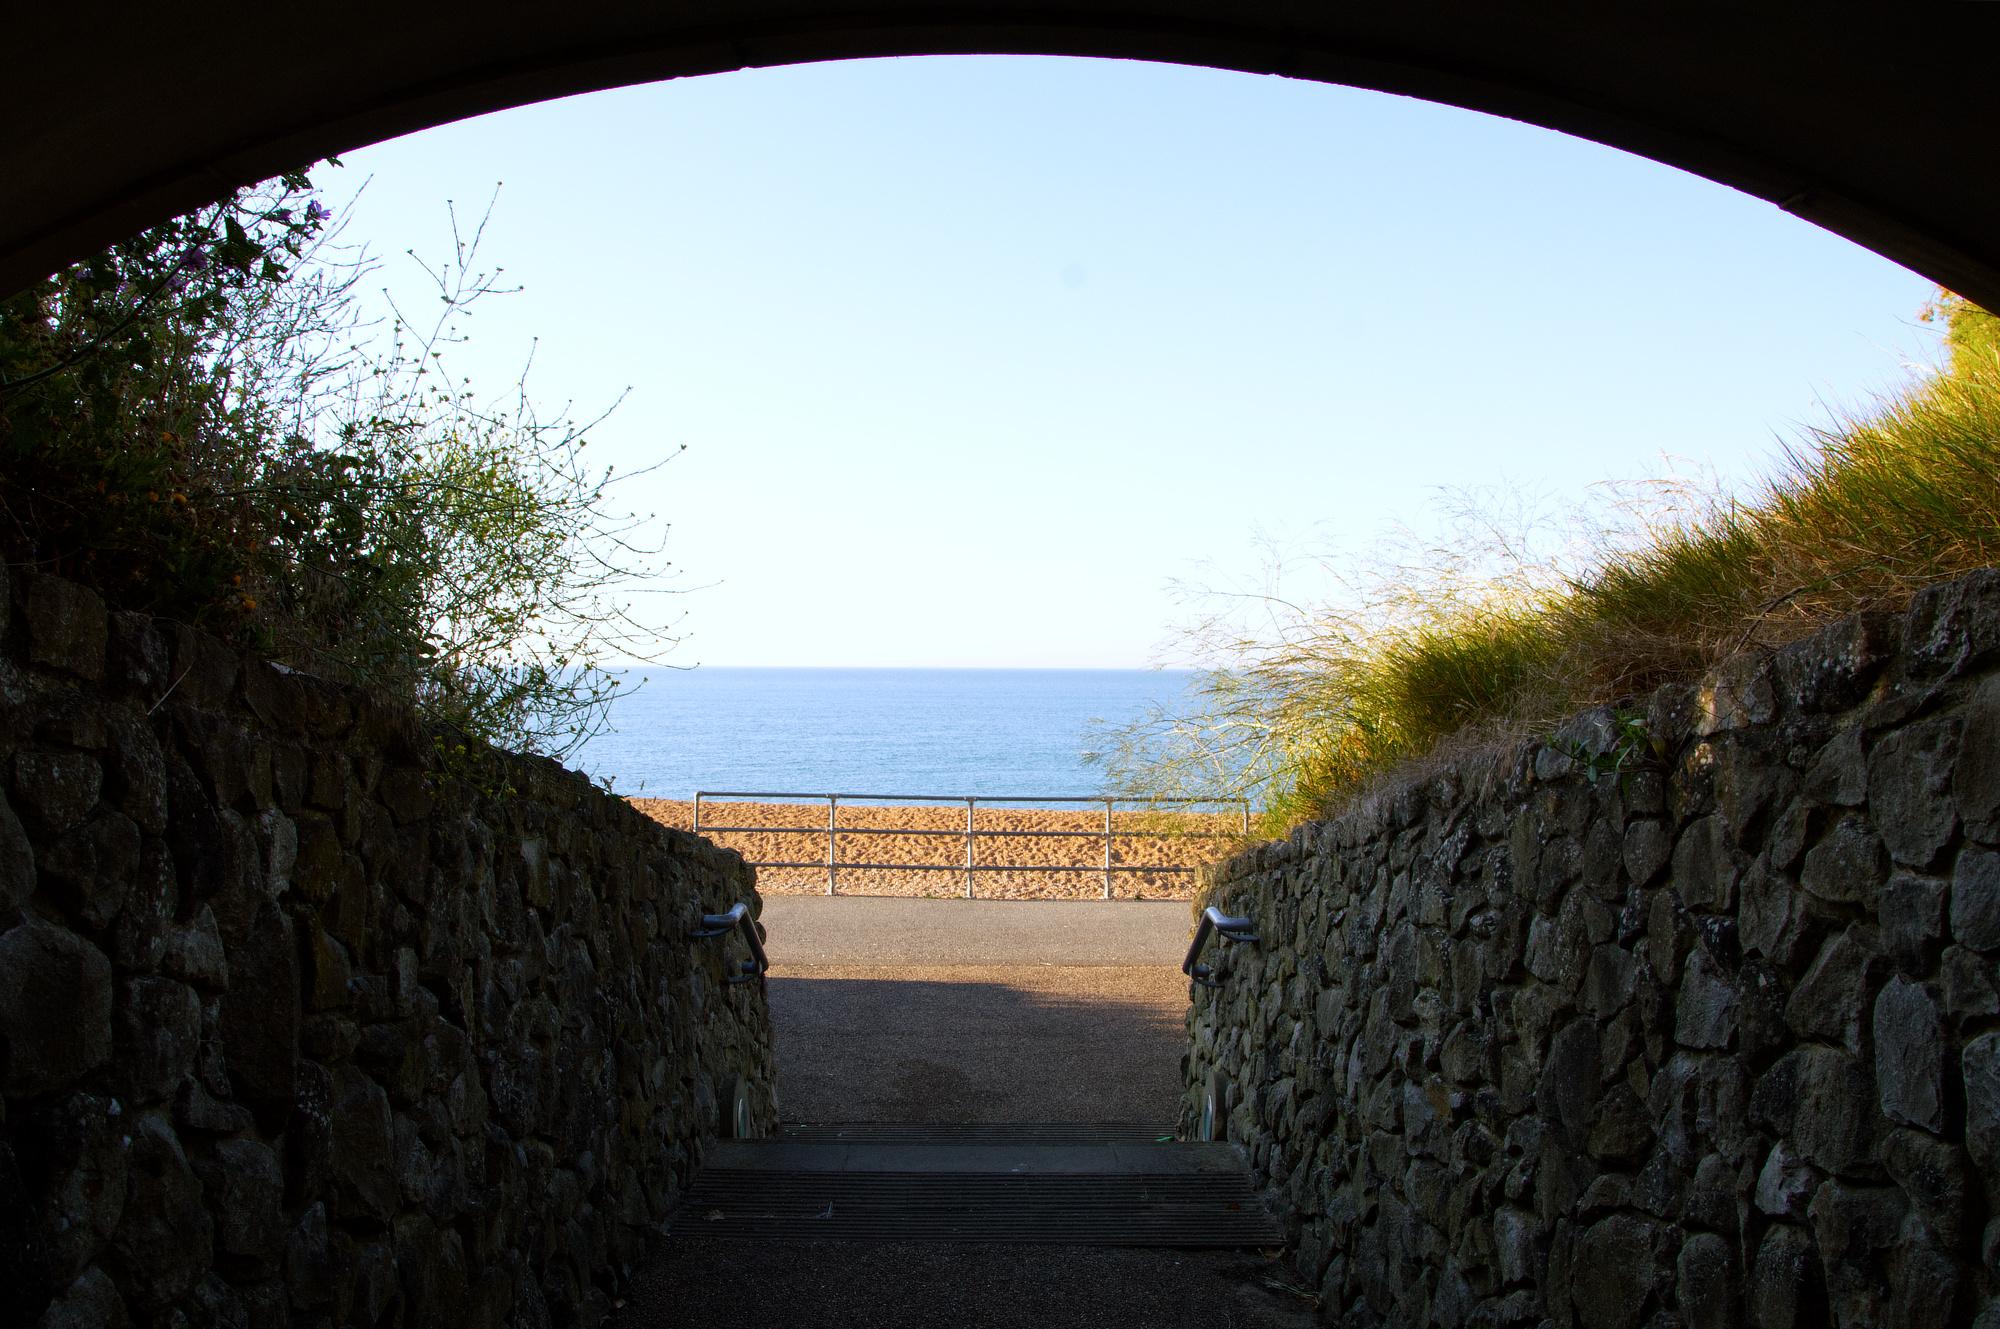 Beach view from the Leas  coastal path